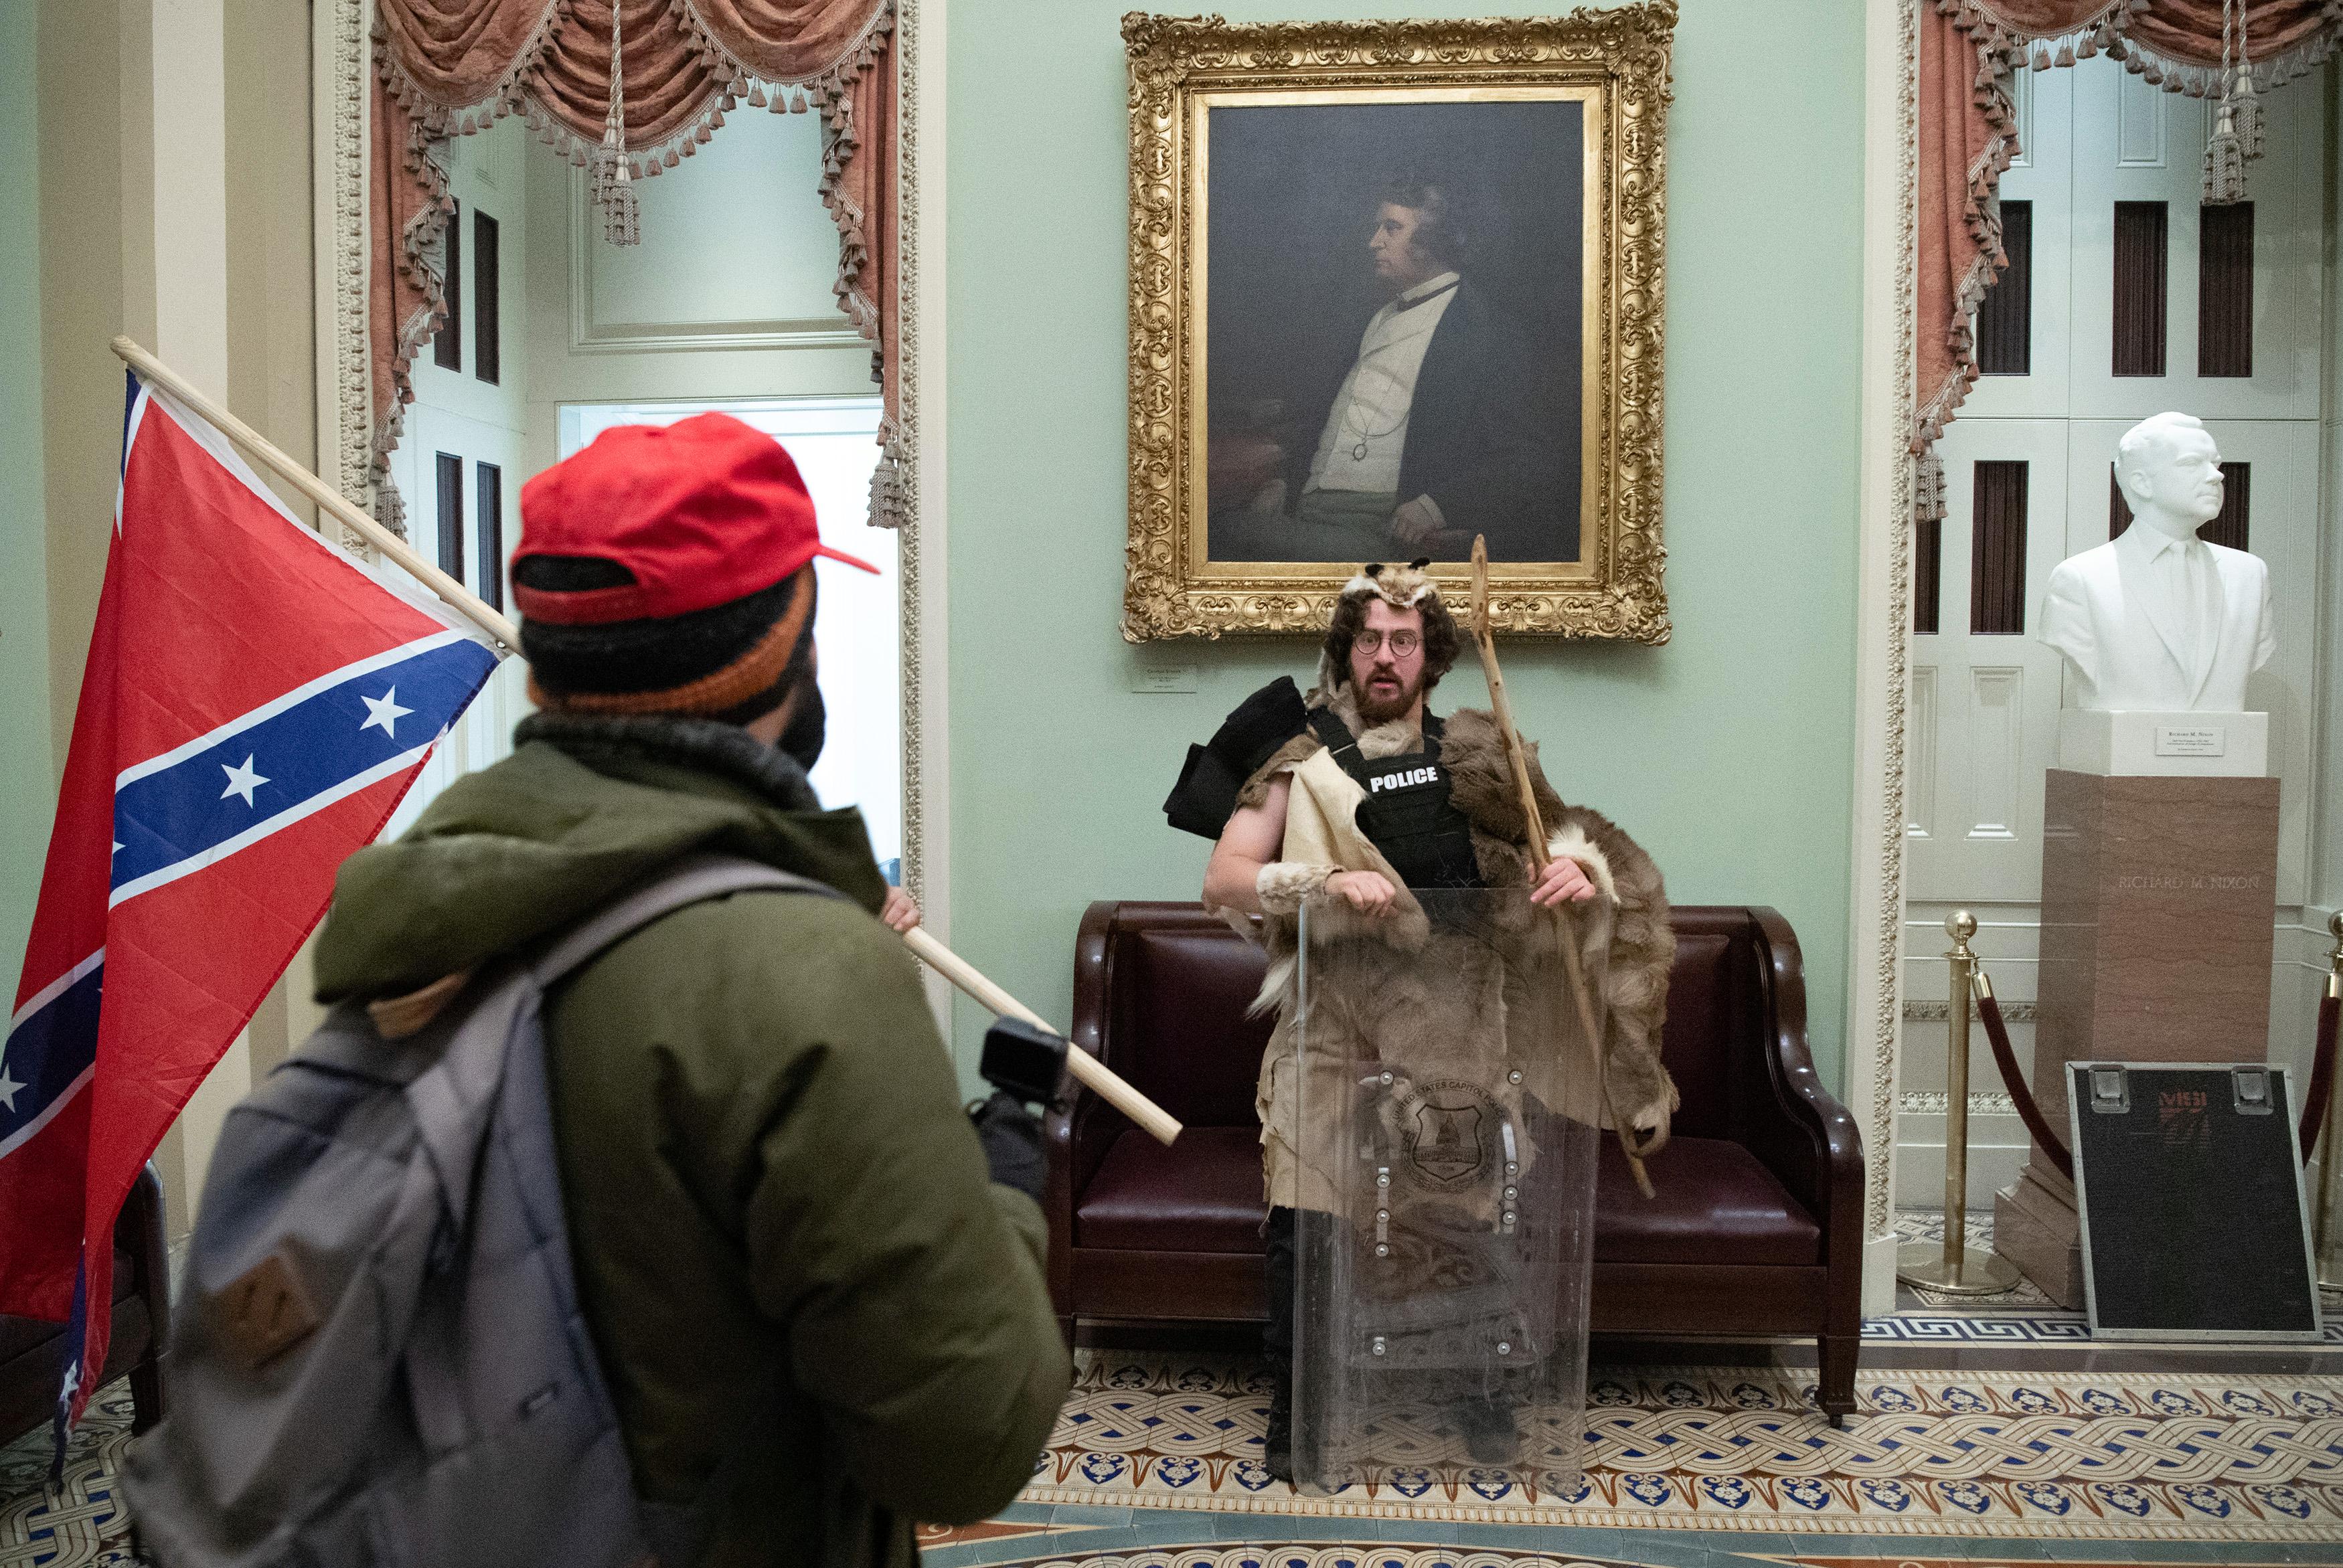 Letartóztatták a férfit, aki konföderációs zászlót lengetett a Capitoliumban